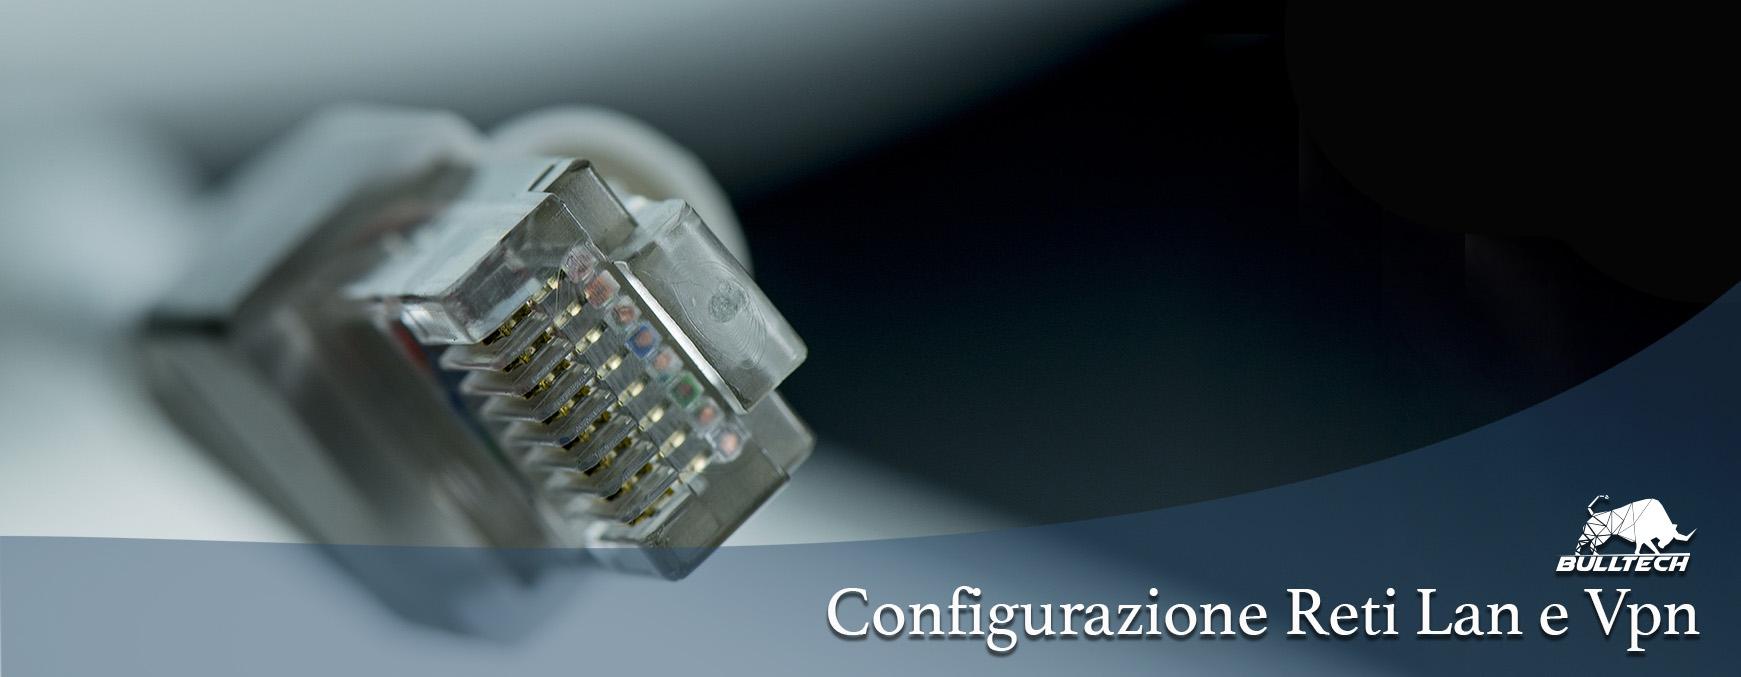 configurazione-reti-lan